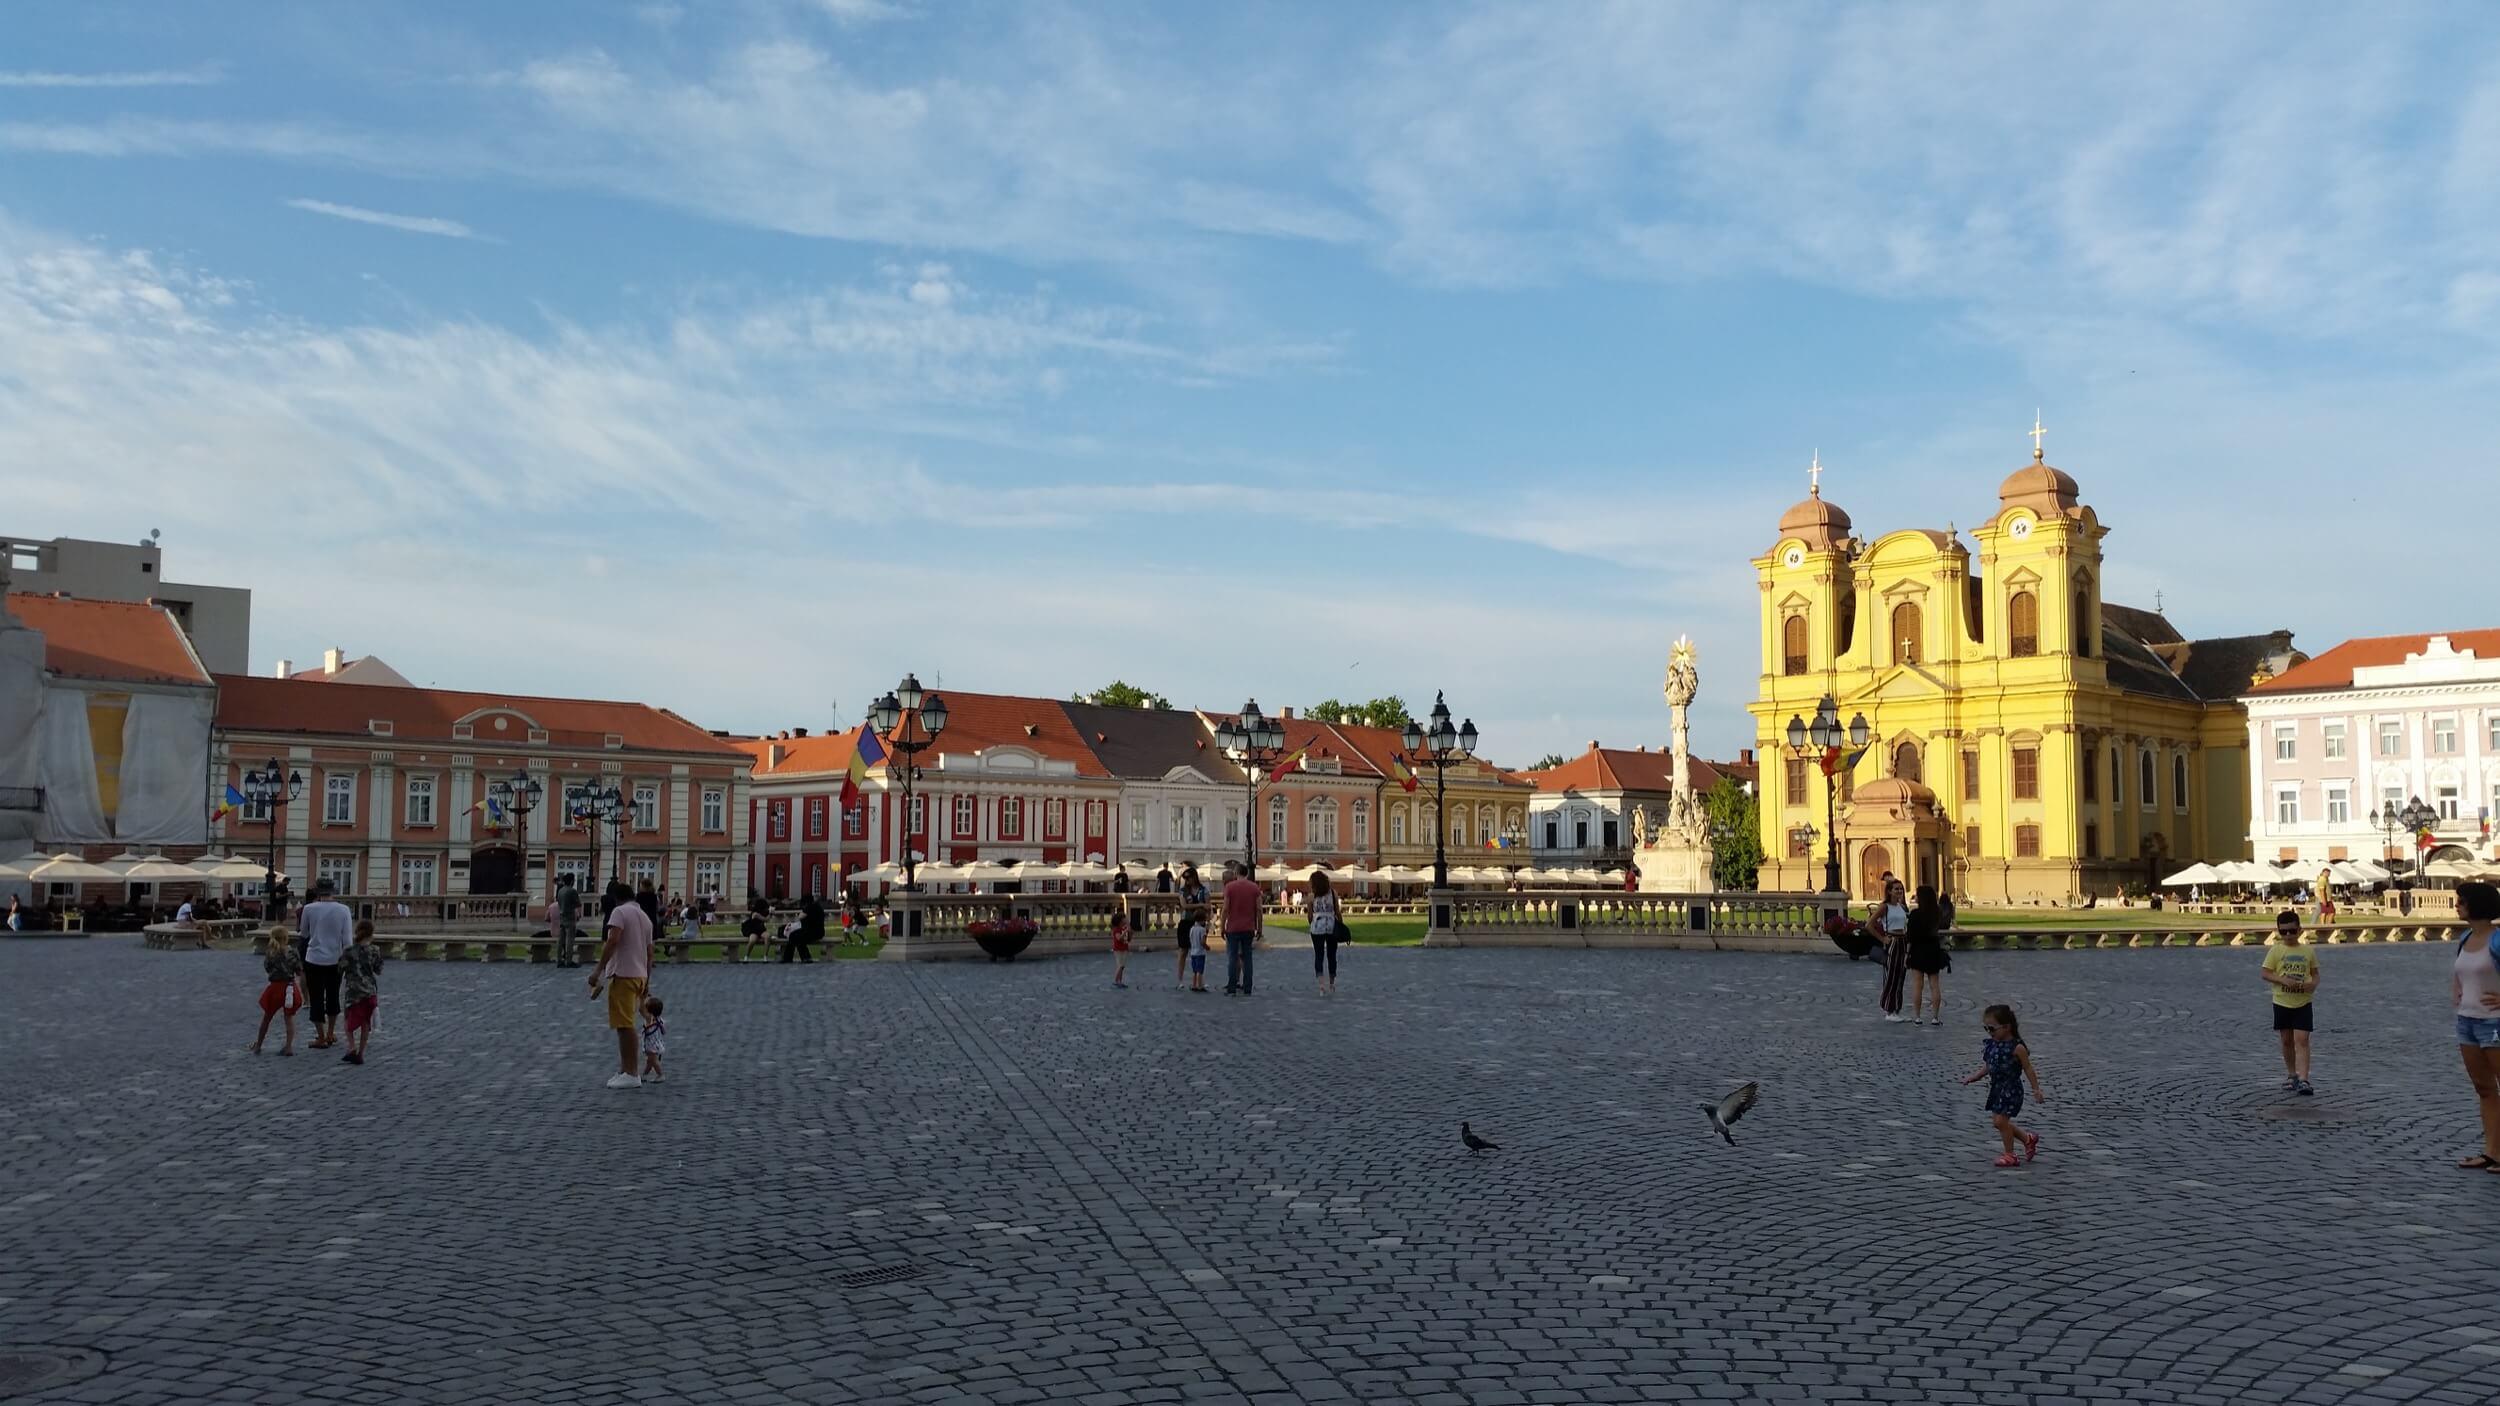 Domplatz in Timisoara